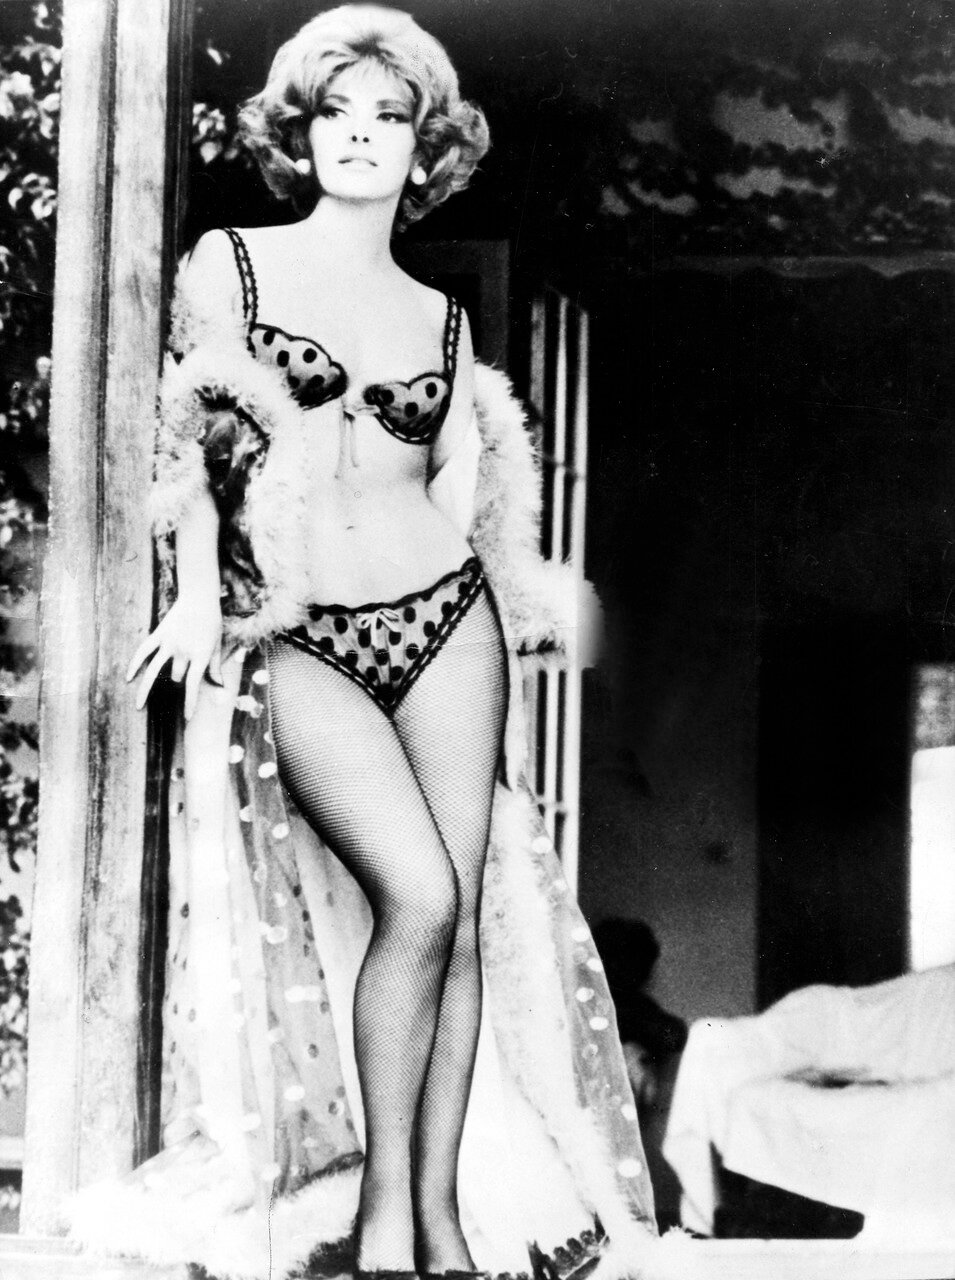 Gina LOLLOBRIGIDA in 'Die Falle' 1968